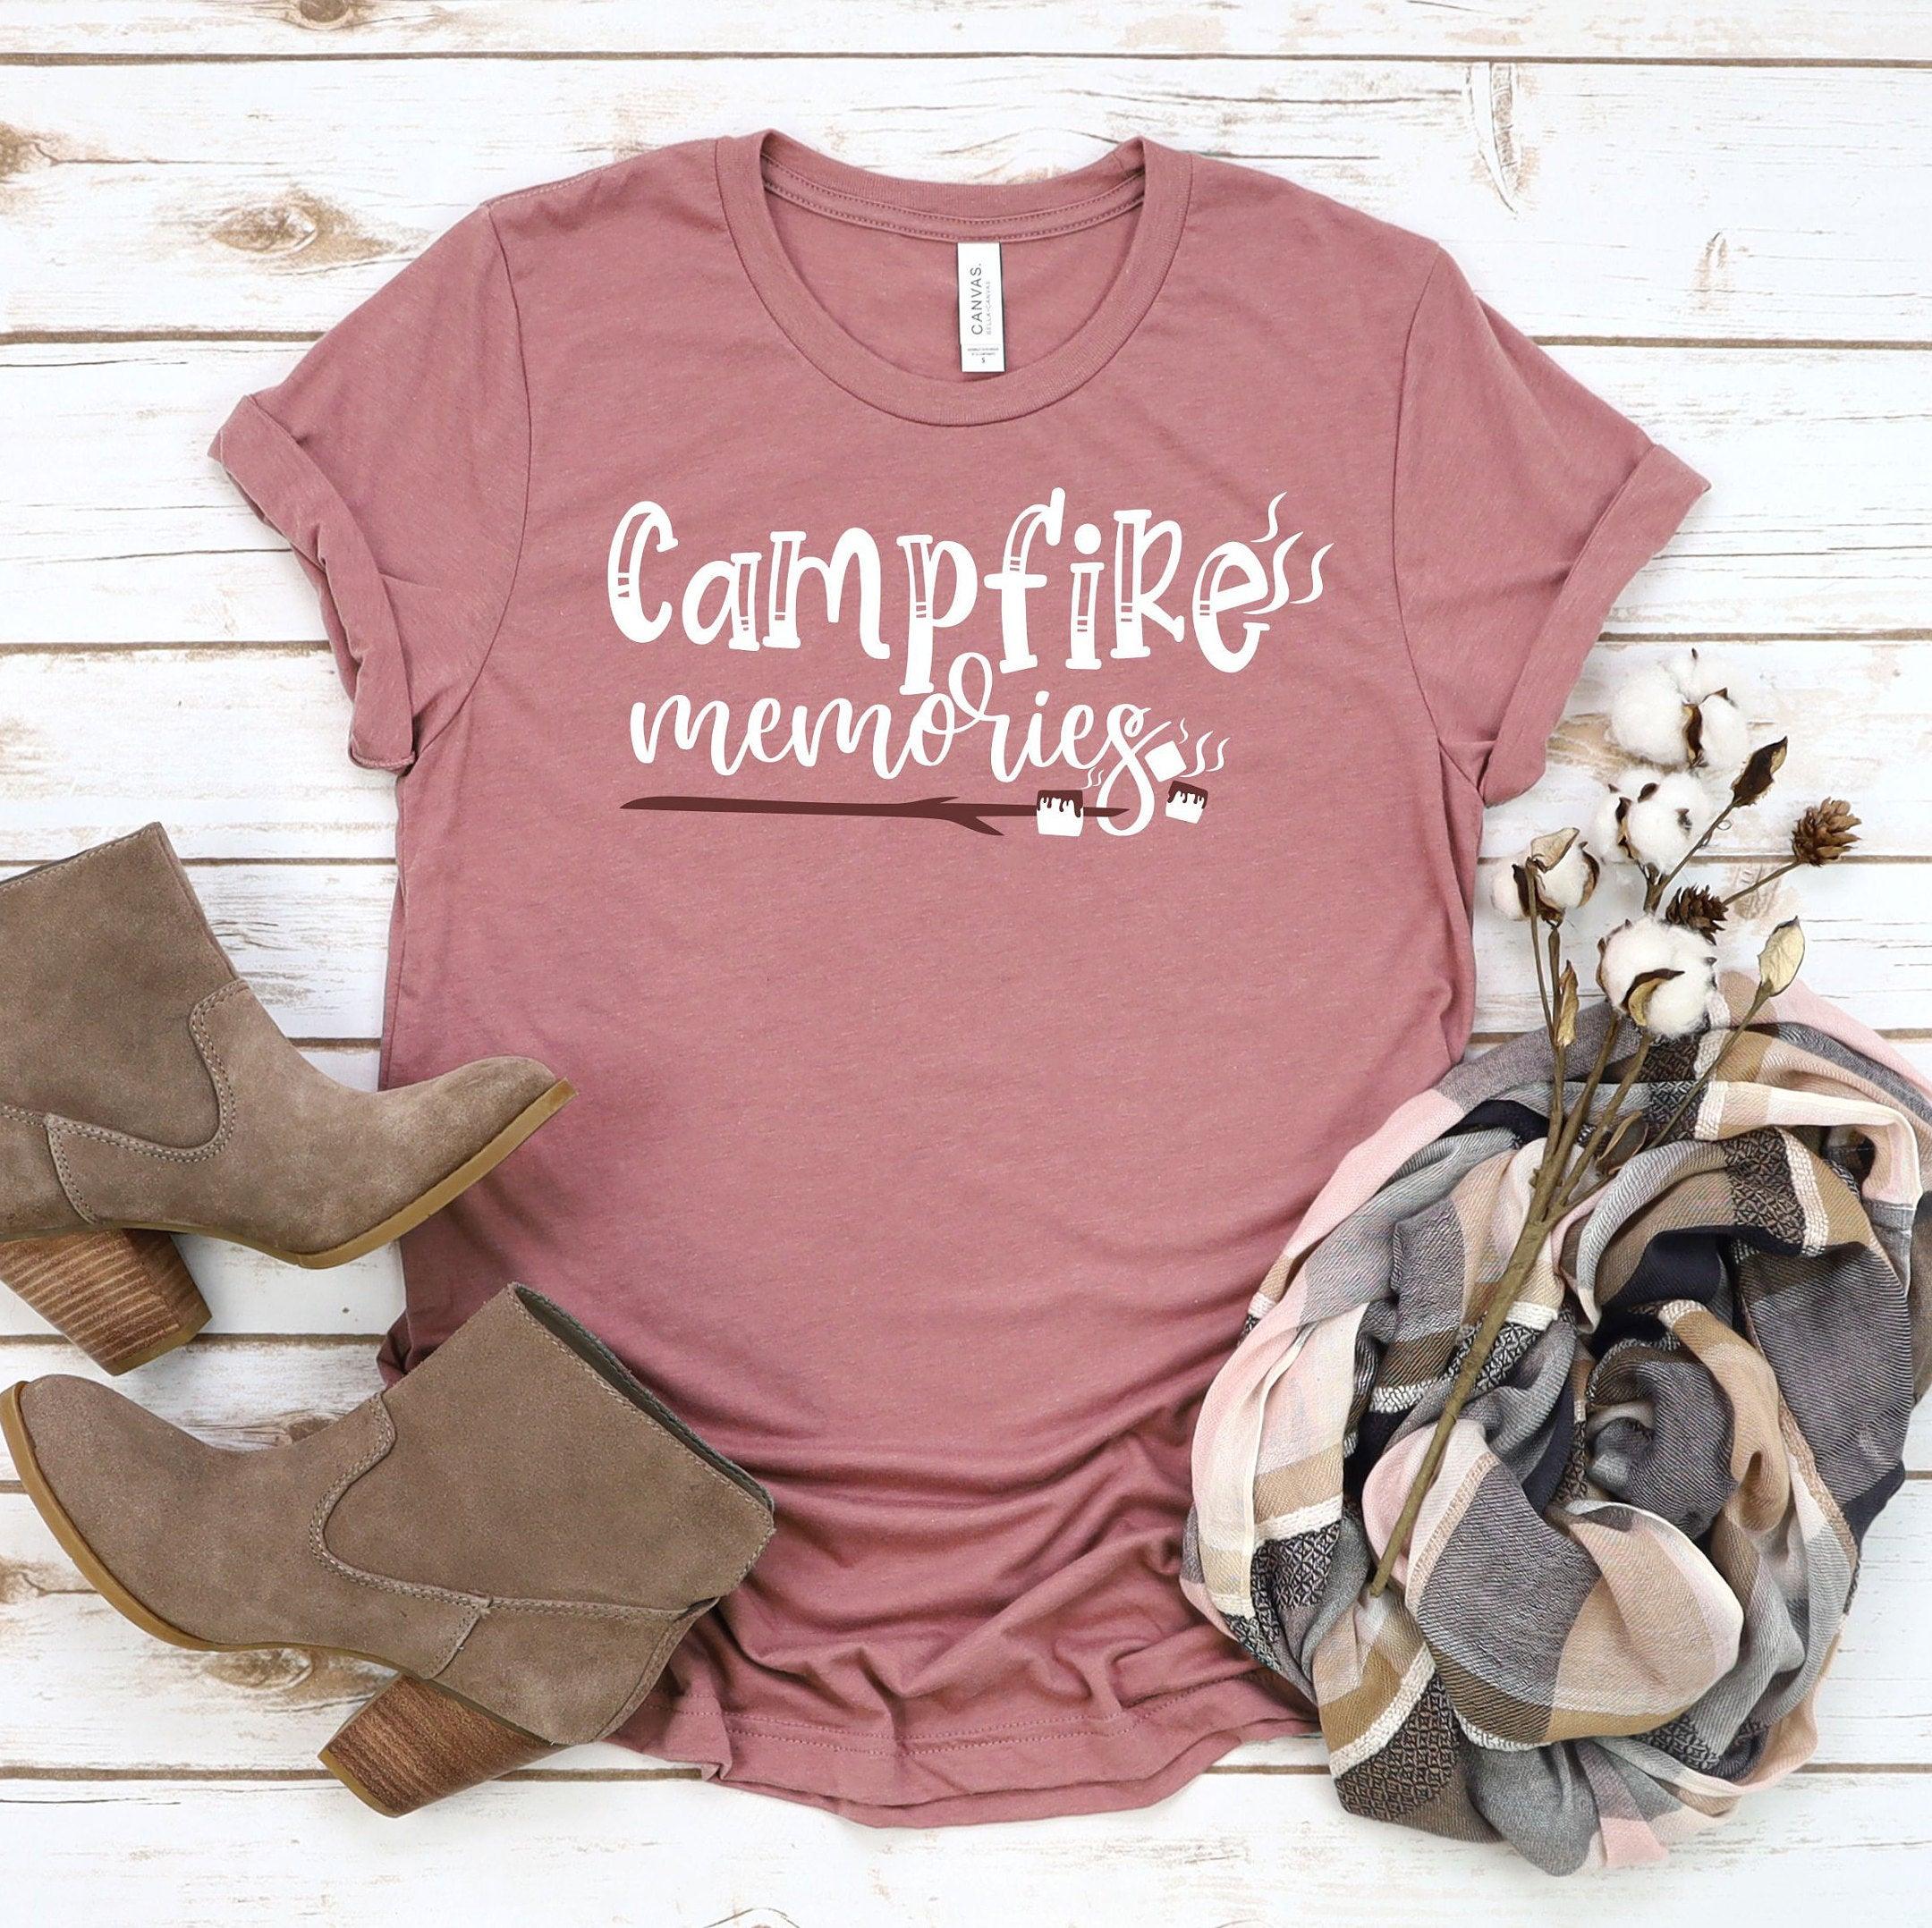 Campfire-memories-svg-campfire-svg-smores-svg-camping-svg-adventure-svg-traveling-svg-camper-svg-camping-svg-designs-cricut-cut-file-60513069